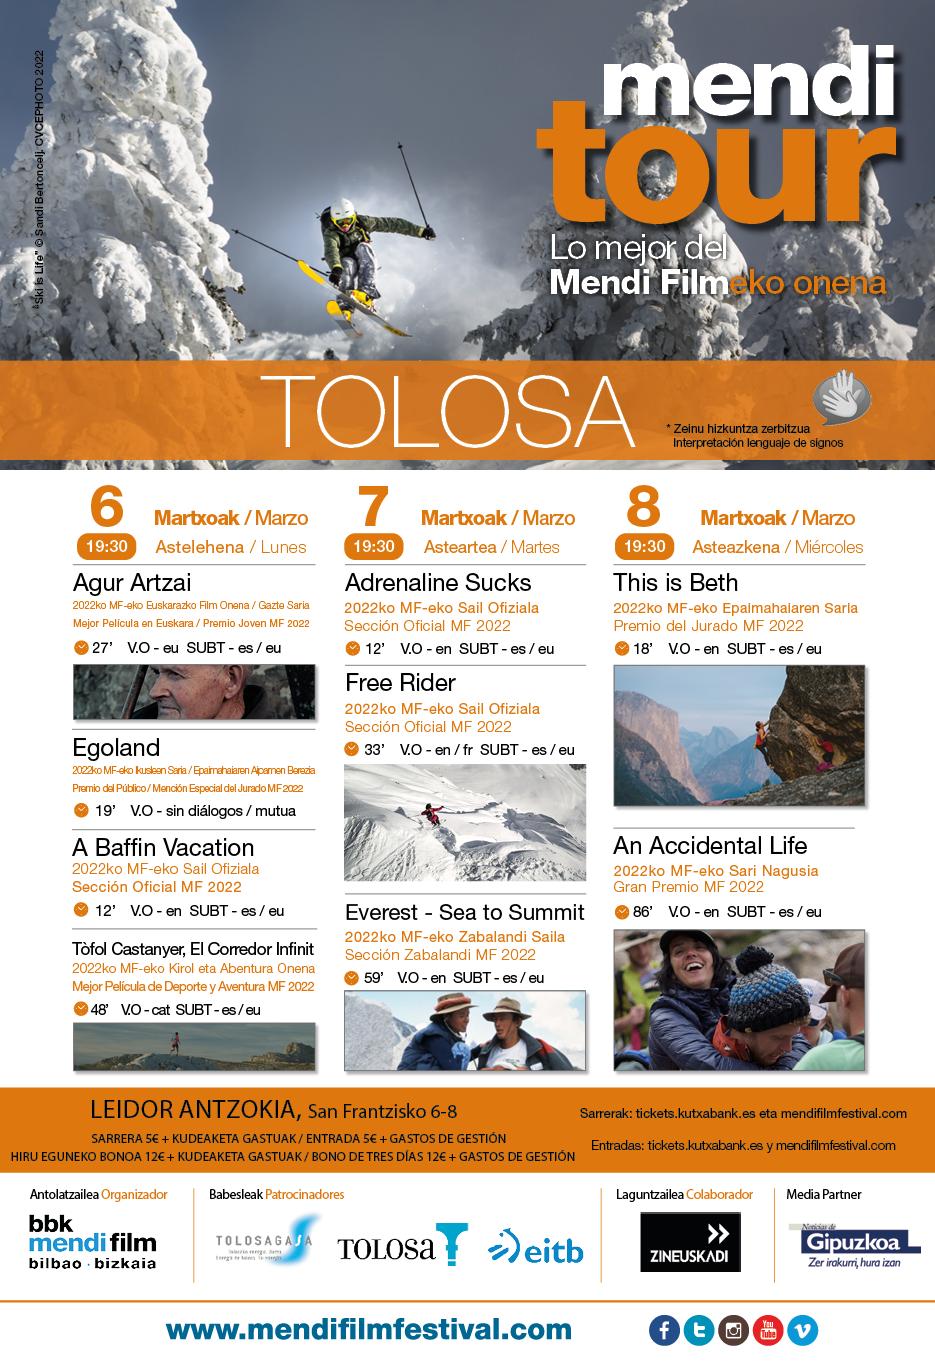 http://mendifilmfestival.com/MFF/images/tour/CARTEL-MT_Tolosa.png